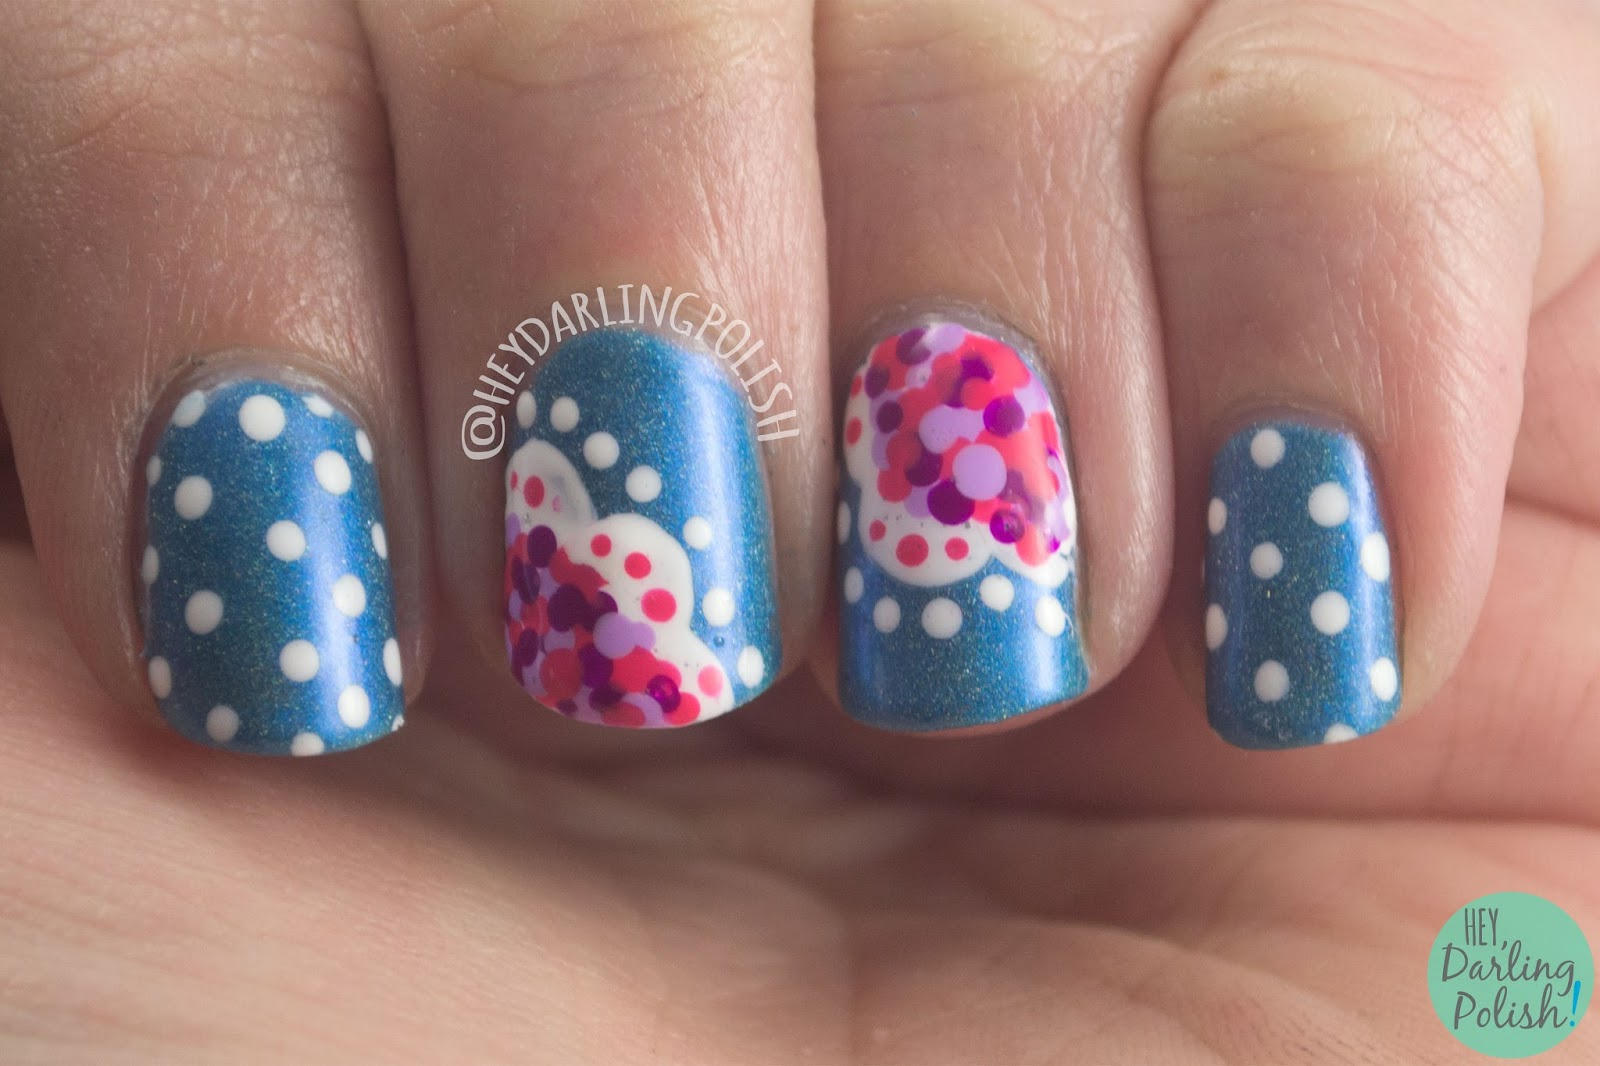 nails, nail art, nail polish, polka dots, holo, blue, pink, purple, the nail challenge collaborative, hey darling polish